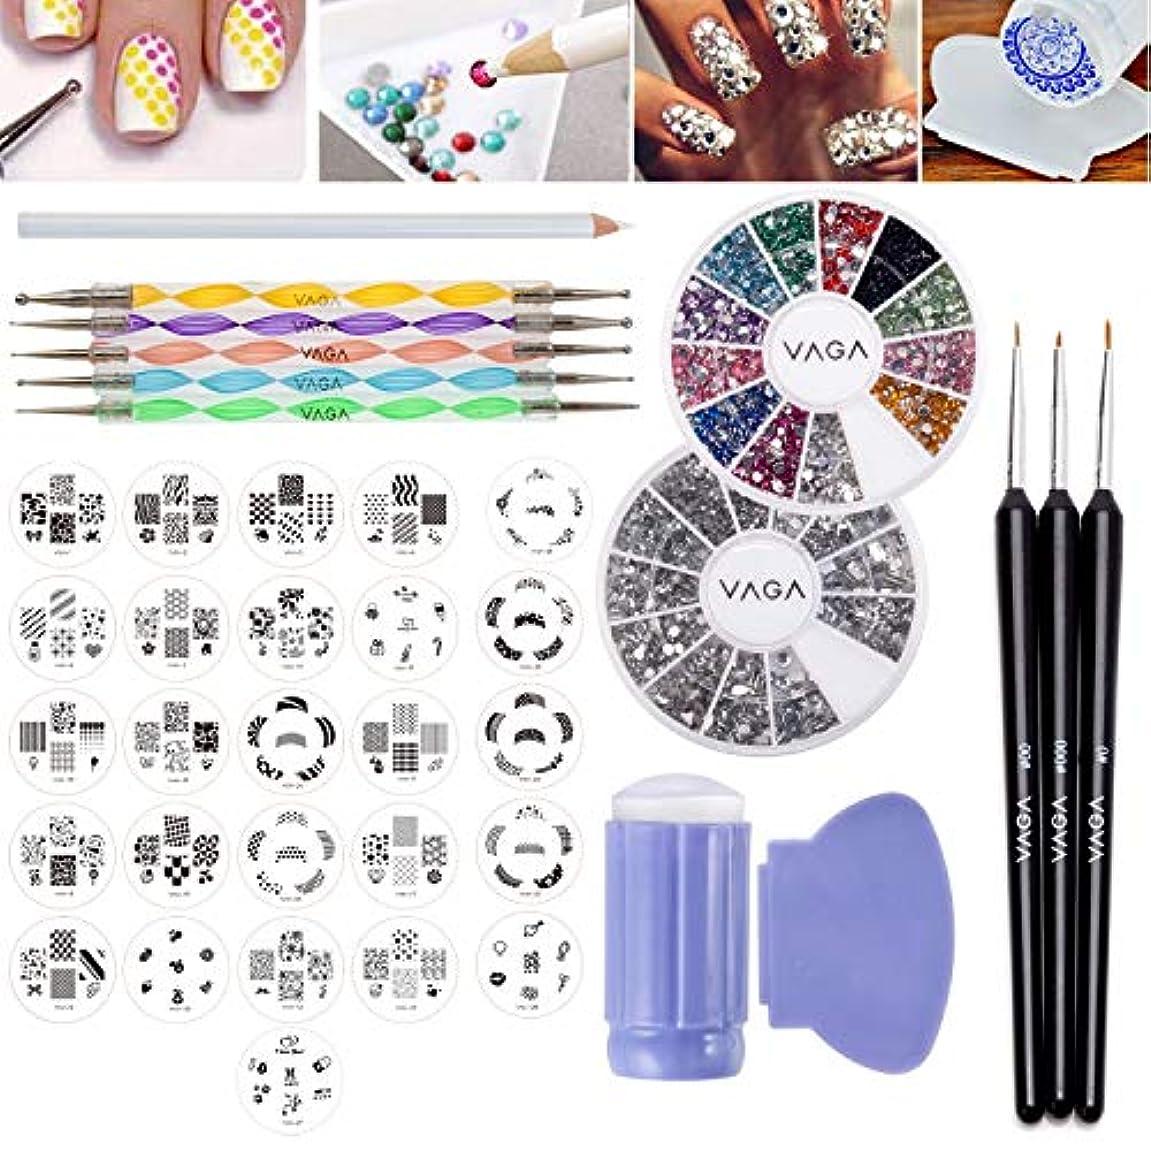 主人特権的ネックレットネイルアートデザインは、合計160パターンの26個のスタンププレート、異なる形状の1200シルバー宝石のホイールと1200クリスタル/宝石12色、スタンパー/スタンプ、スクレーパー/スクレイピングアクセサリー、ドッター/...